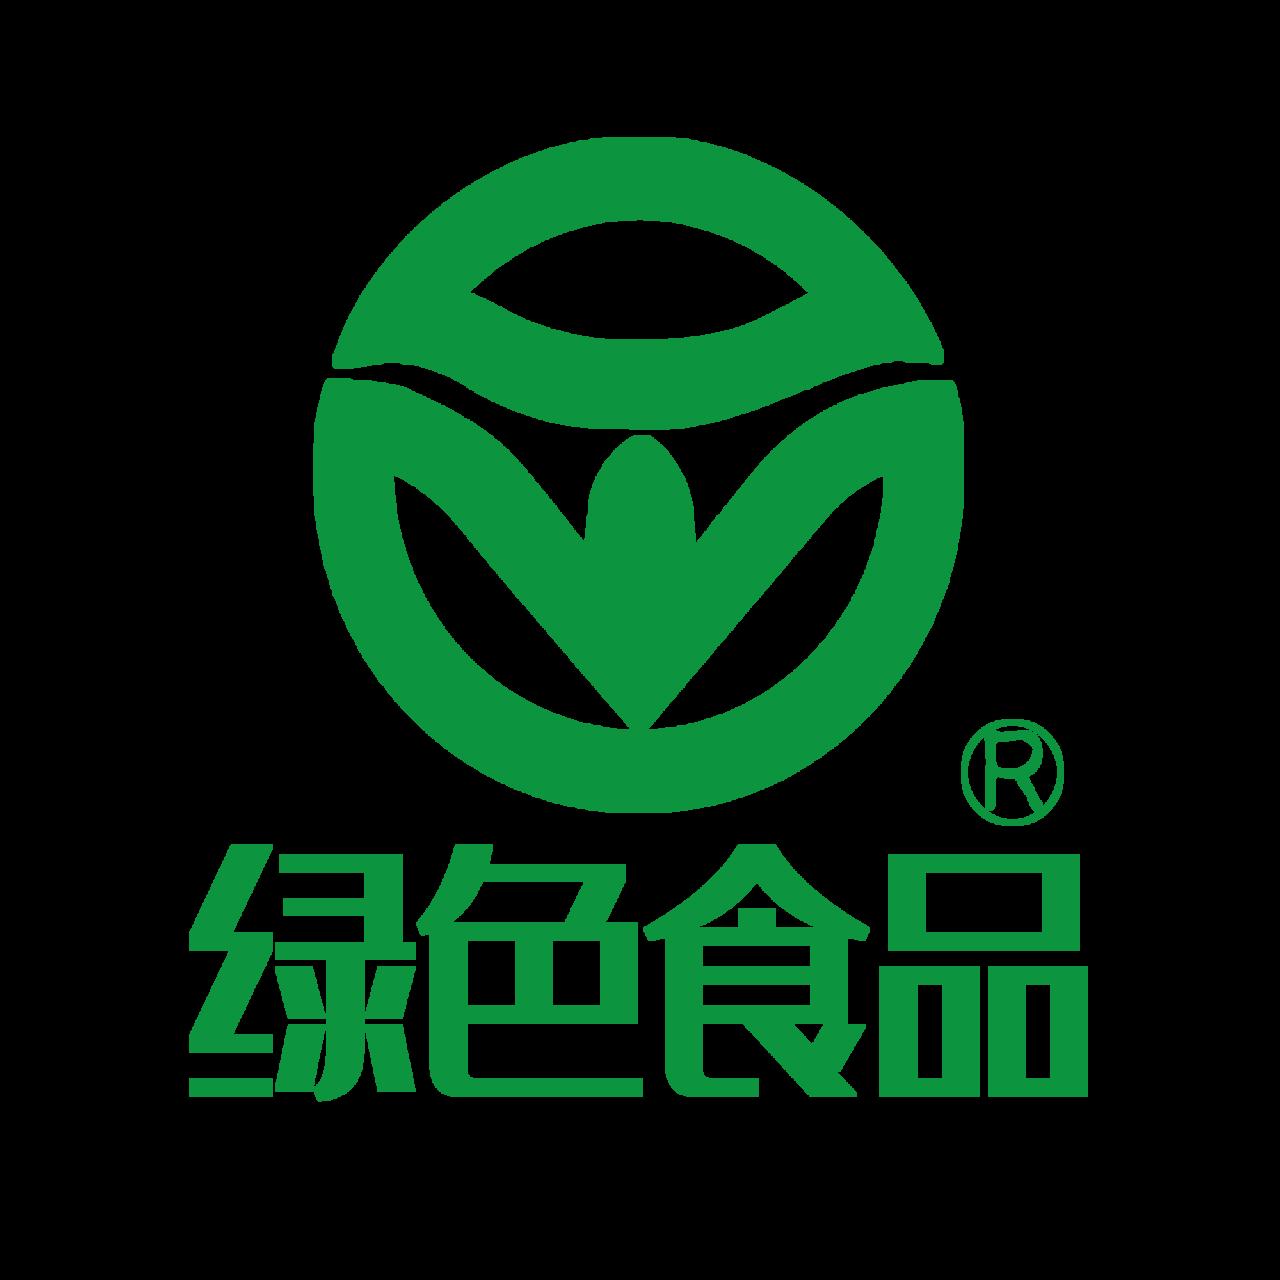 绿色食品标记.png